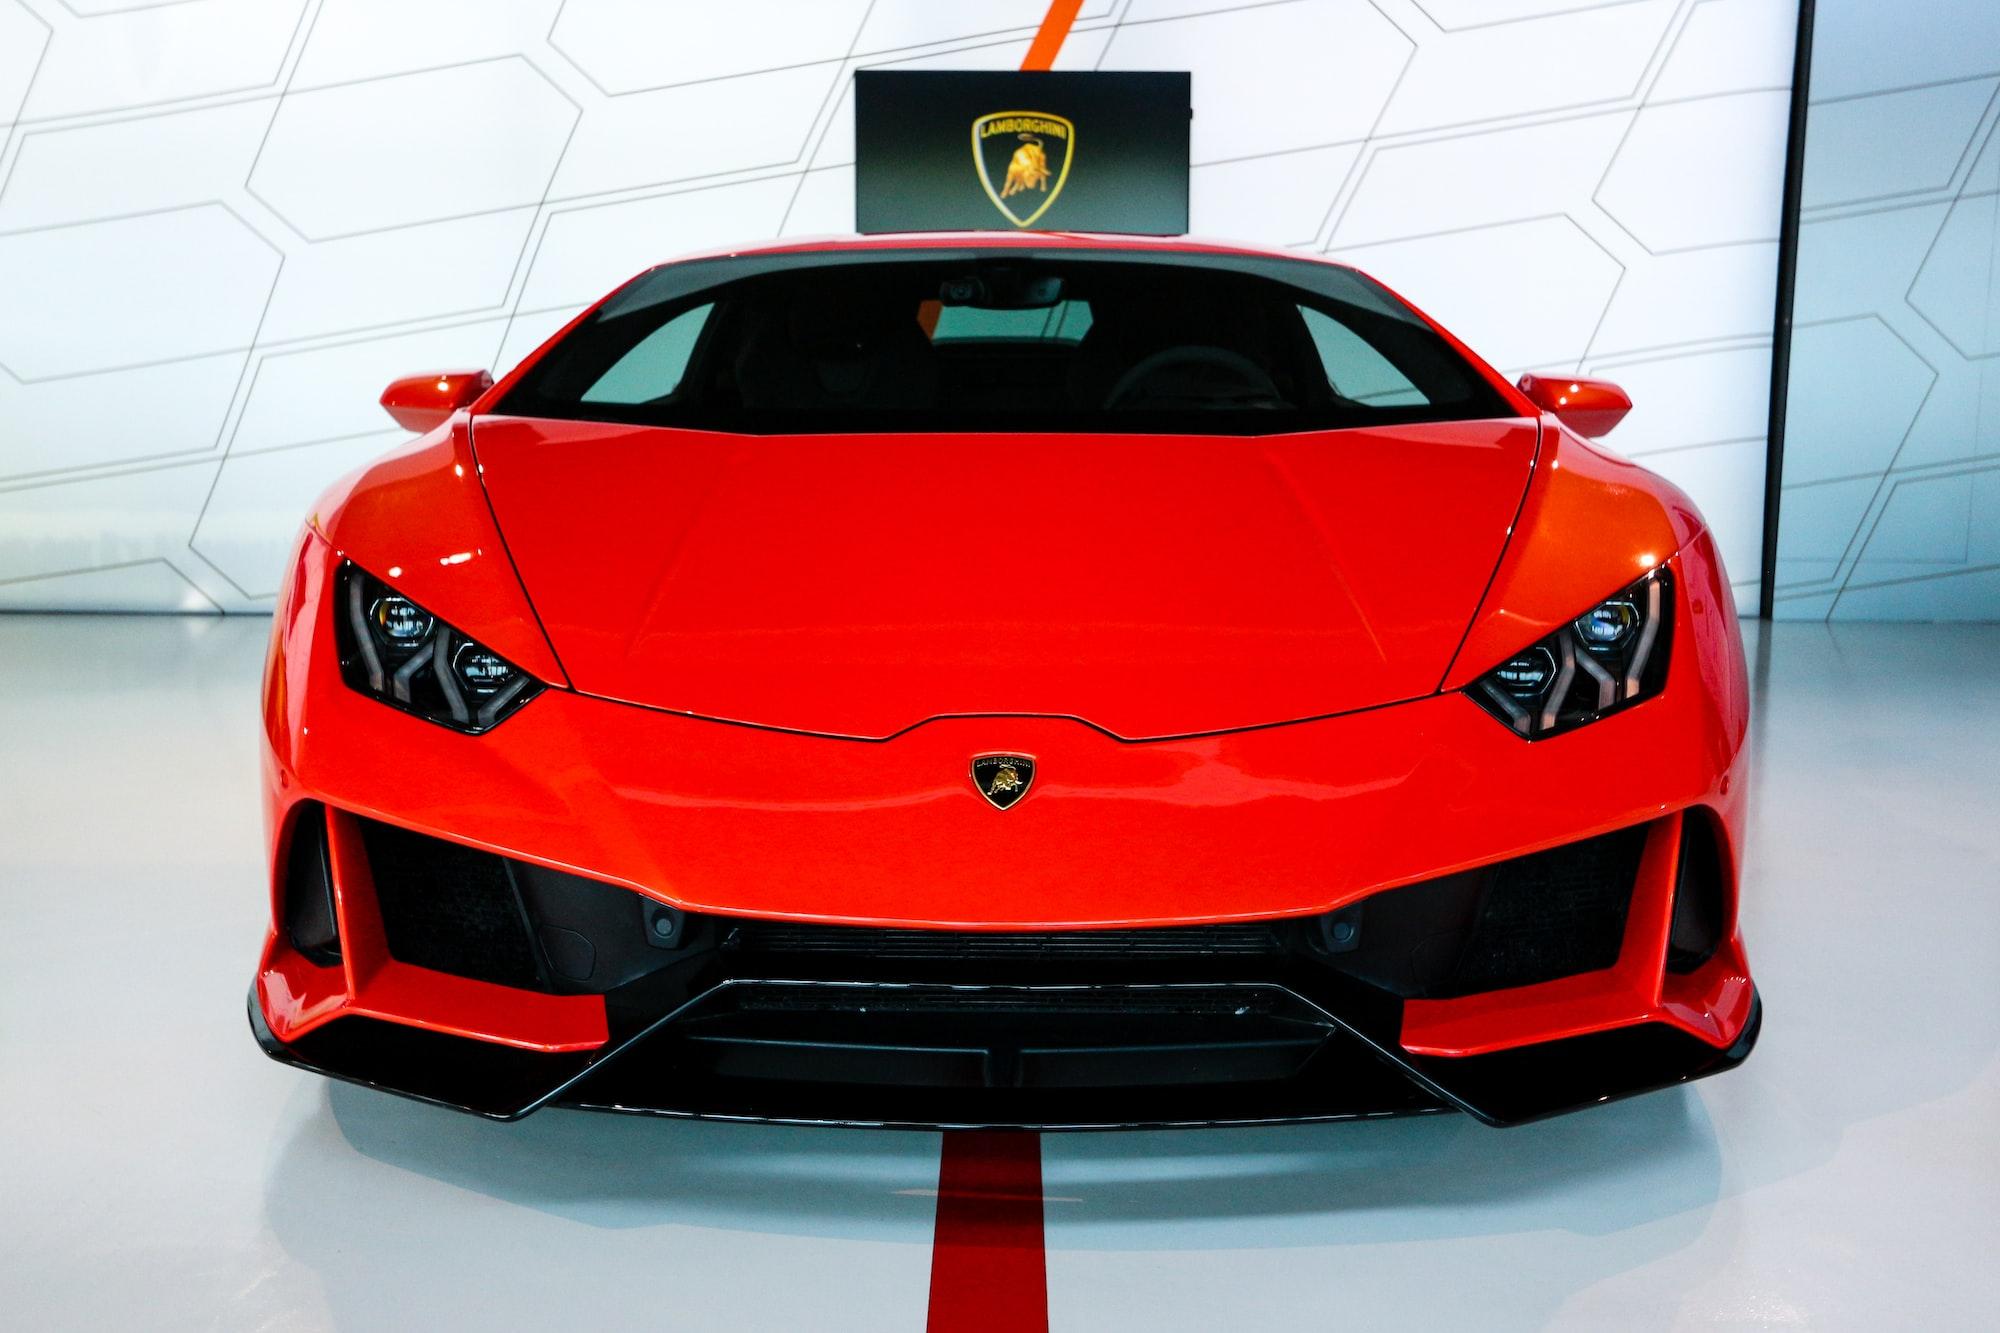 ตัวแทนจำหน่ายรถยนต์สุดหรูใน Las Vegas รับการชำระเงินด้วย Bitcoin